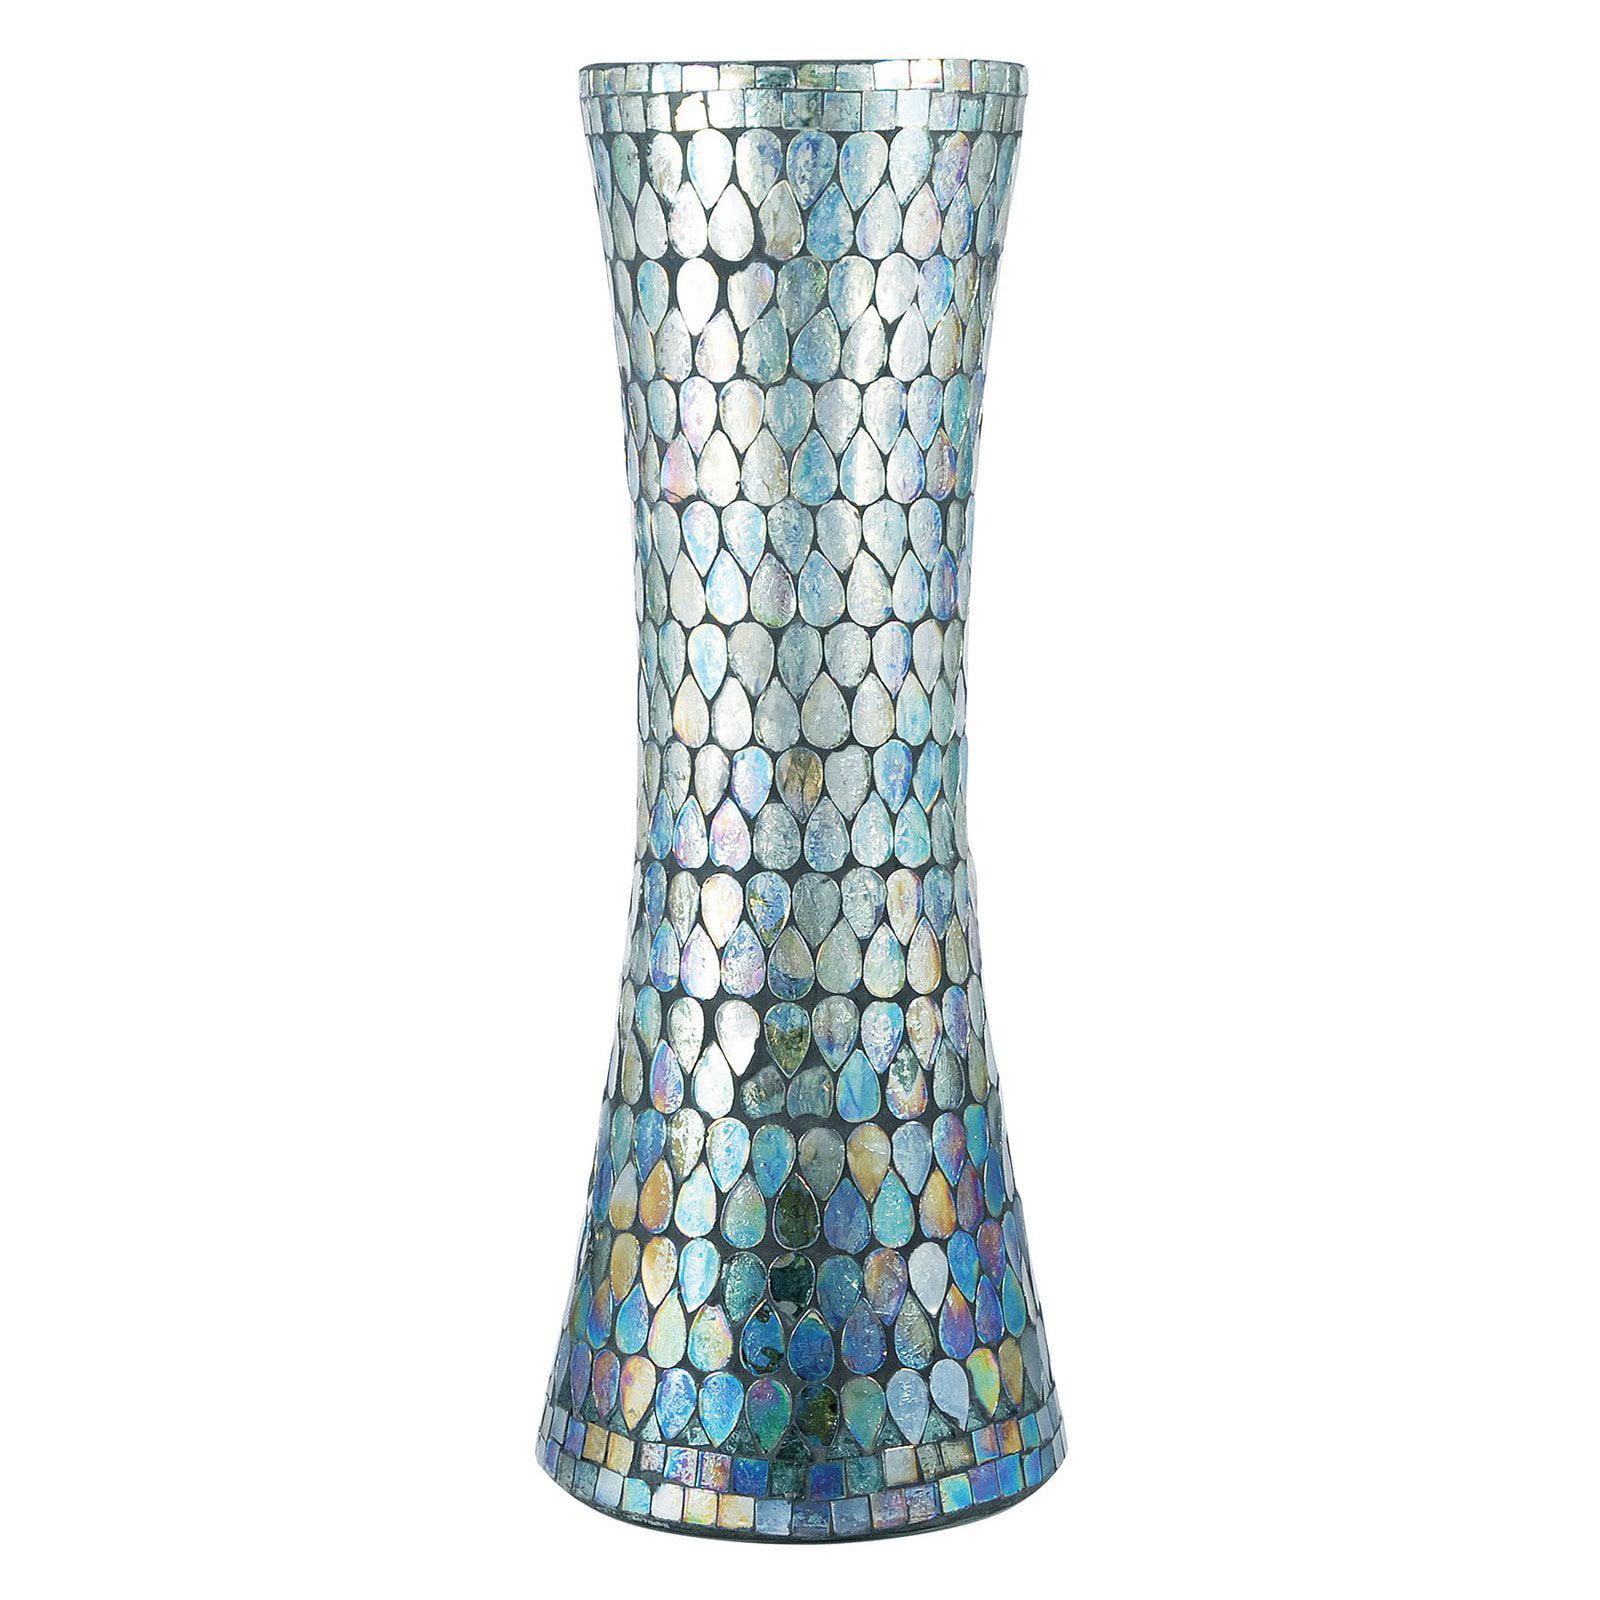 ELK Lighting Ambia Table Vase by ELK